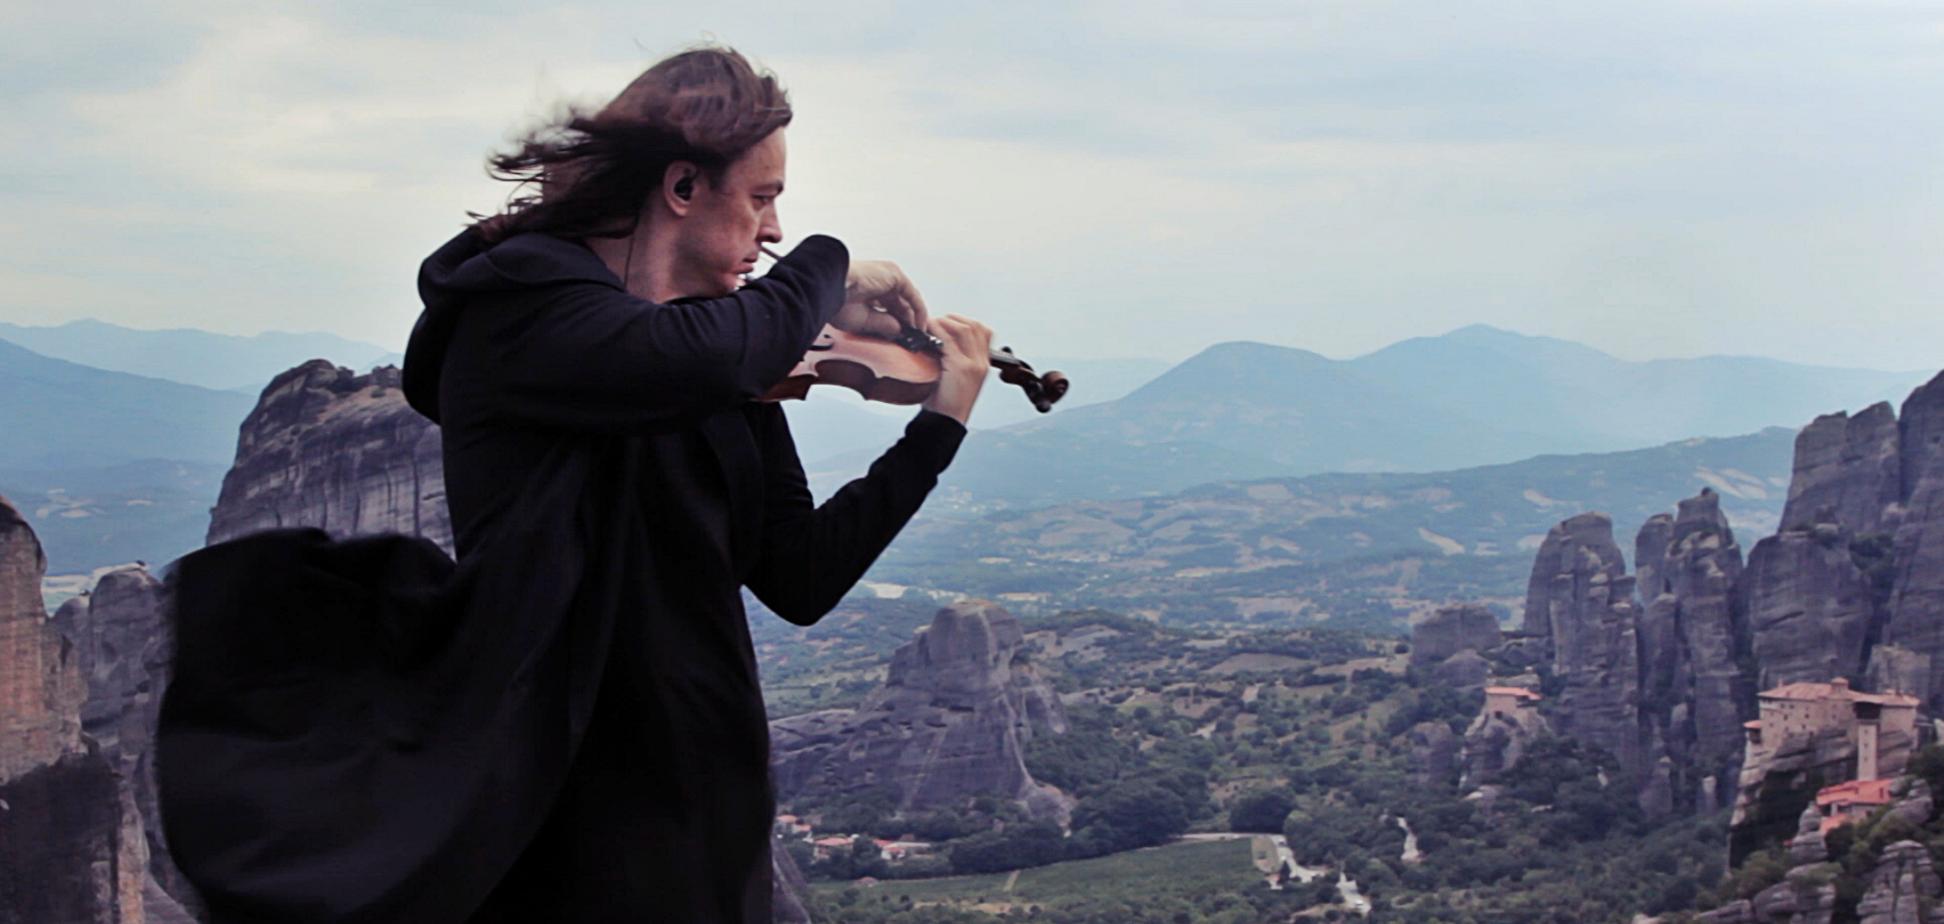 Скрипач из Украины сыграл в Греции на фоне шикарного пейзажа: красивое видео